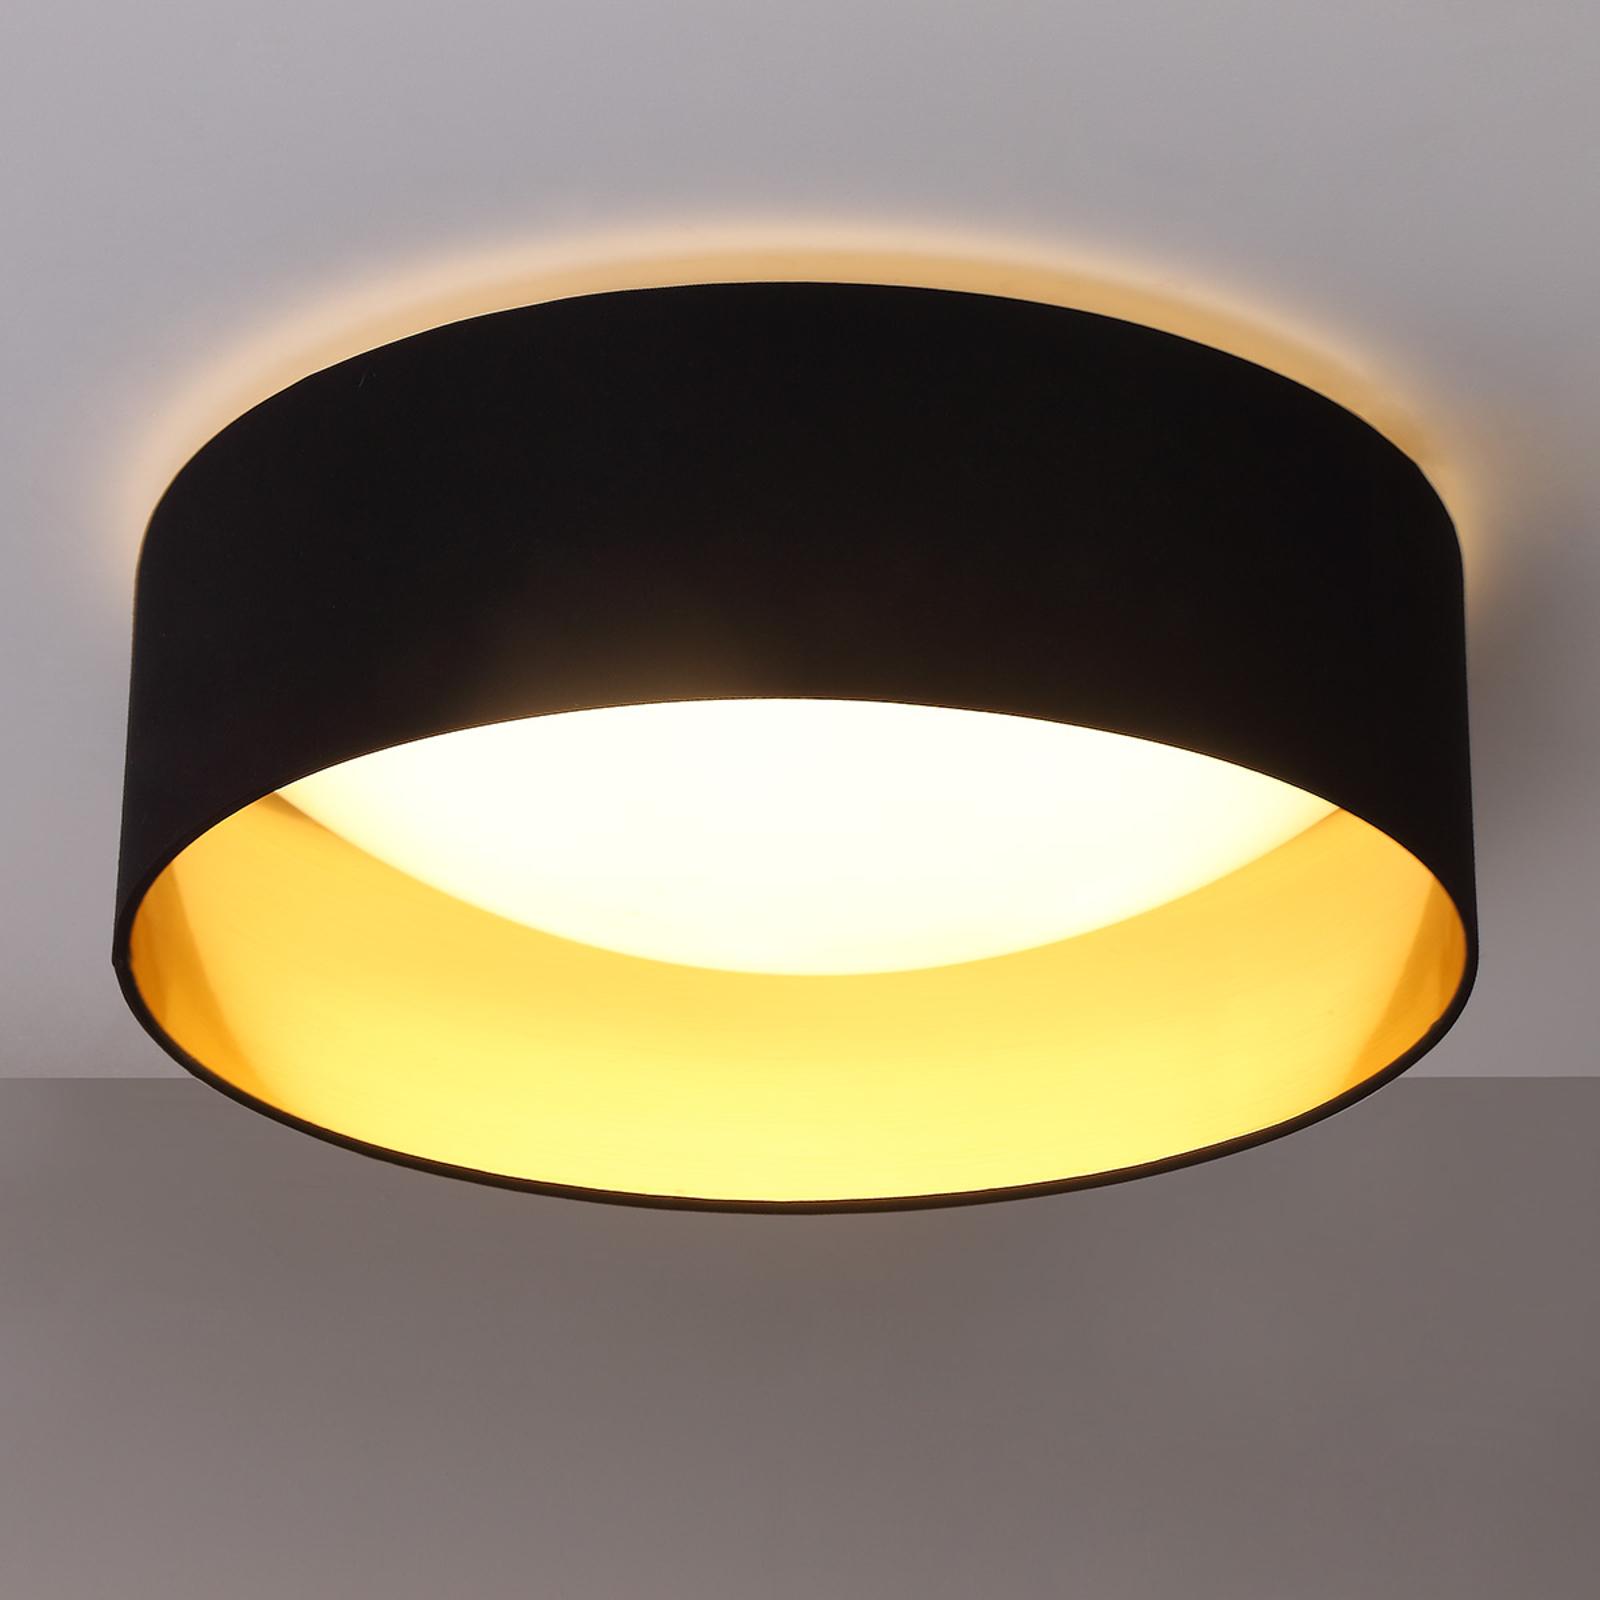 Stof loftslampen Coleen i sort, gylden inden i